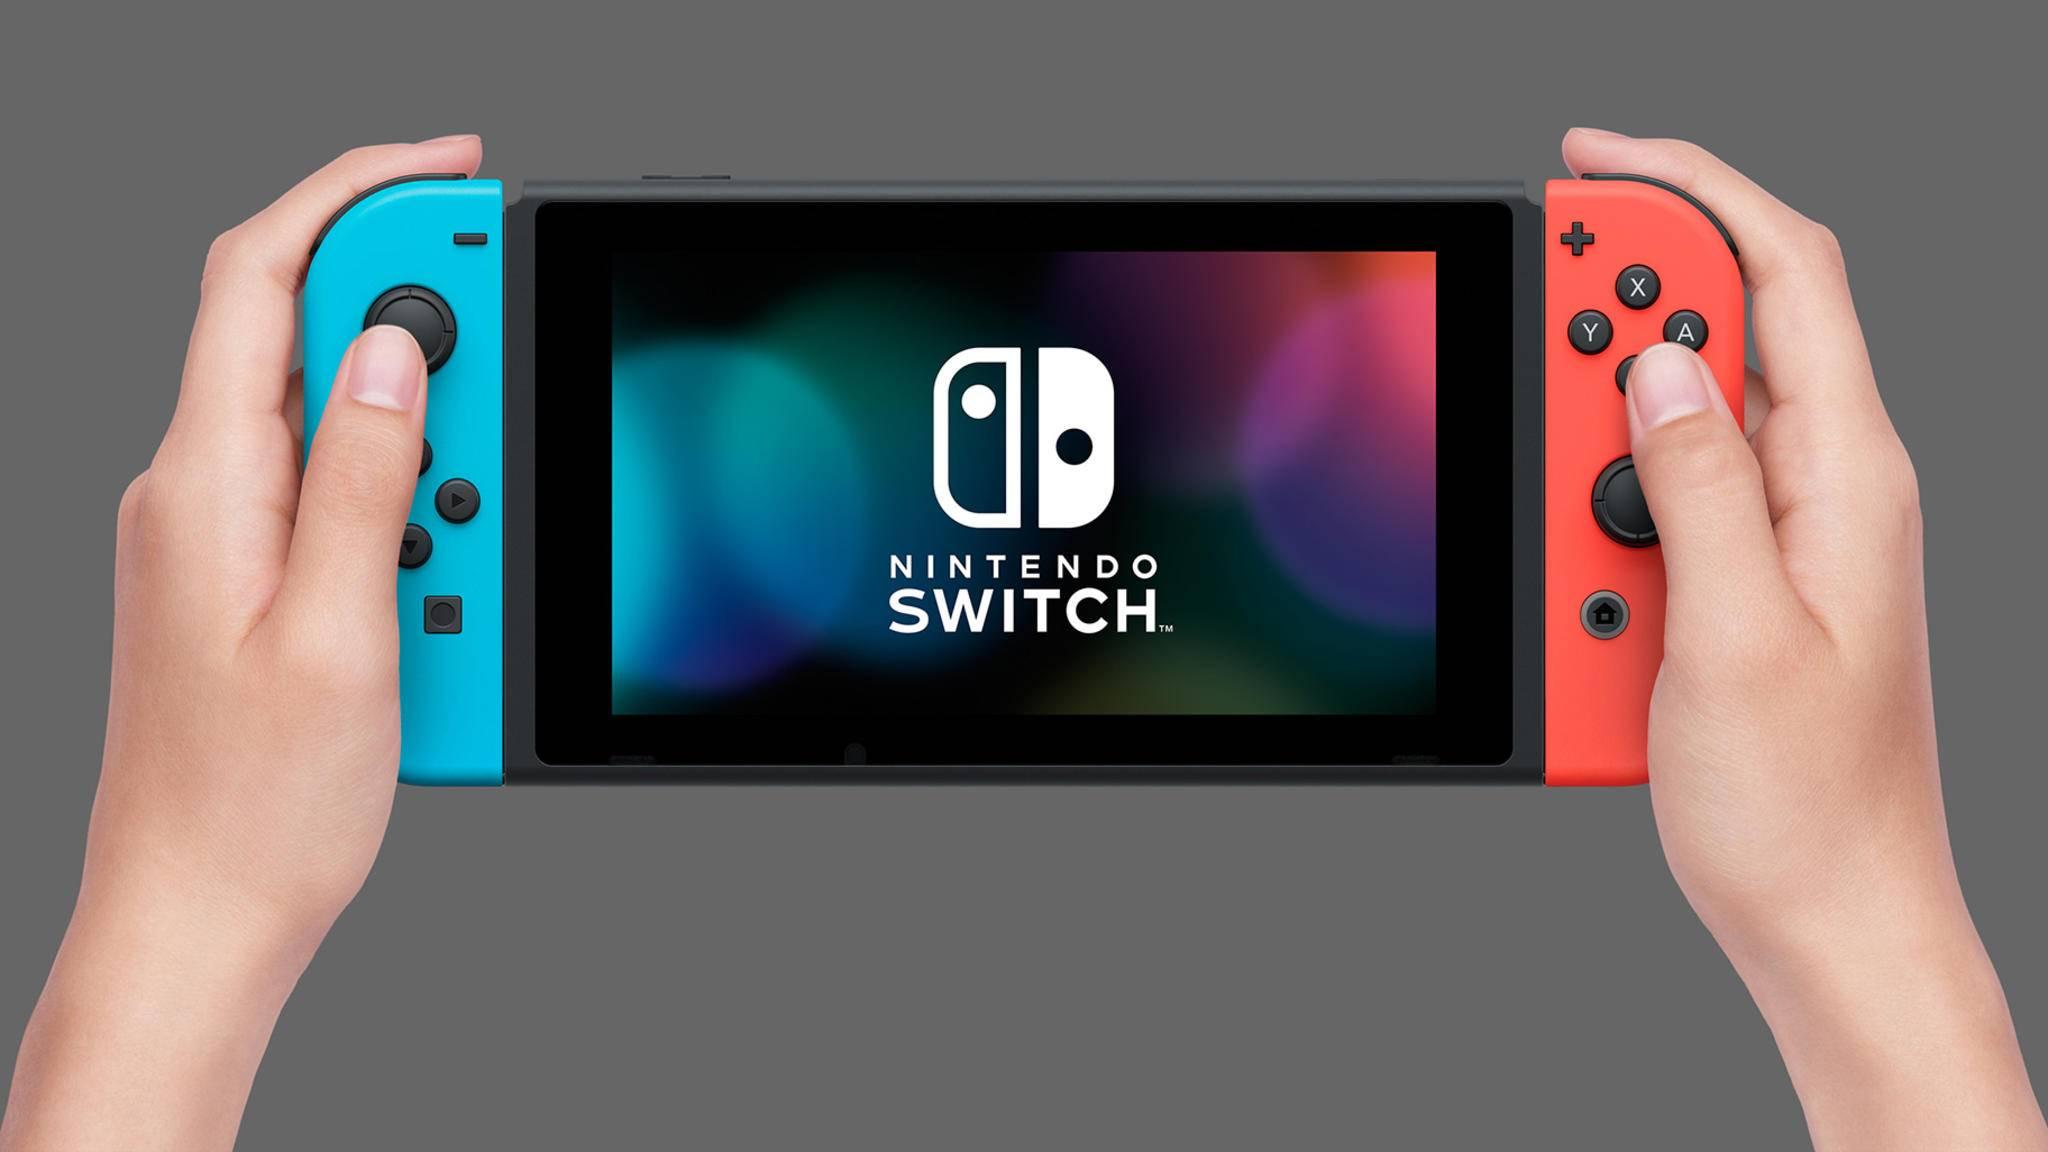 Die Nintendo Switch erscheint weltweit am 3. März.